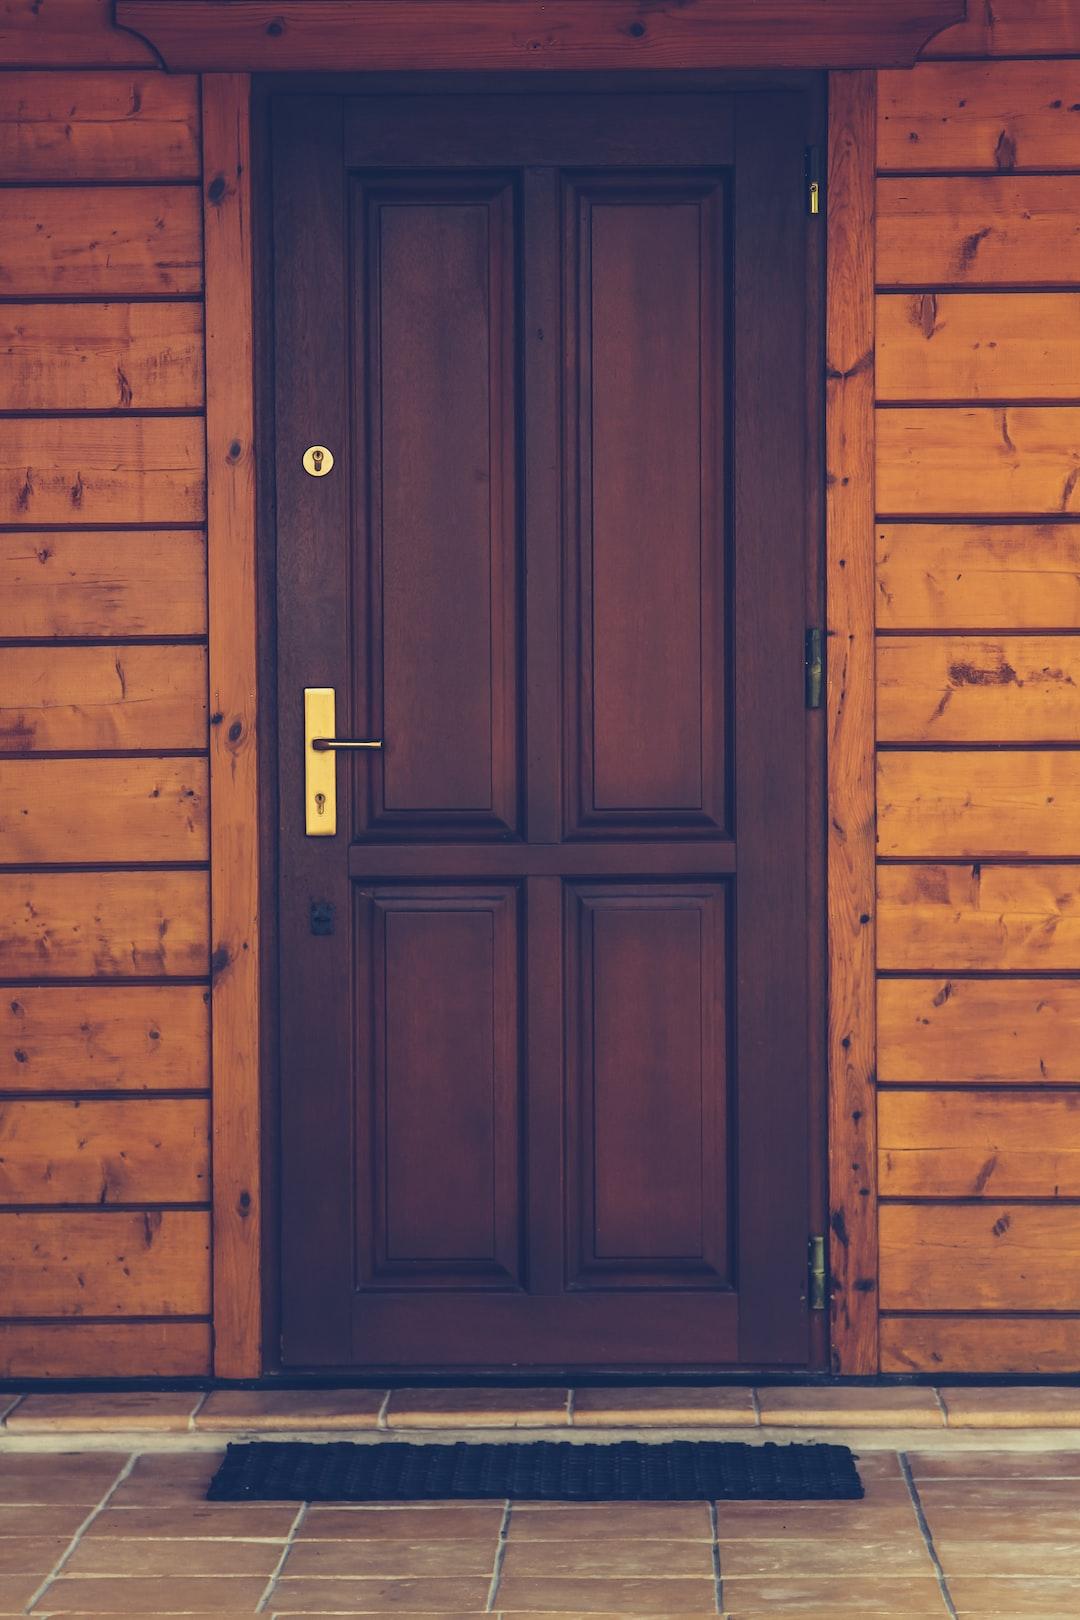 500 Best Door Pictures Hd Download Free Images On